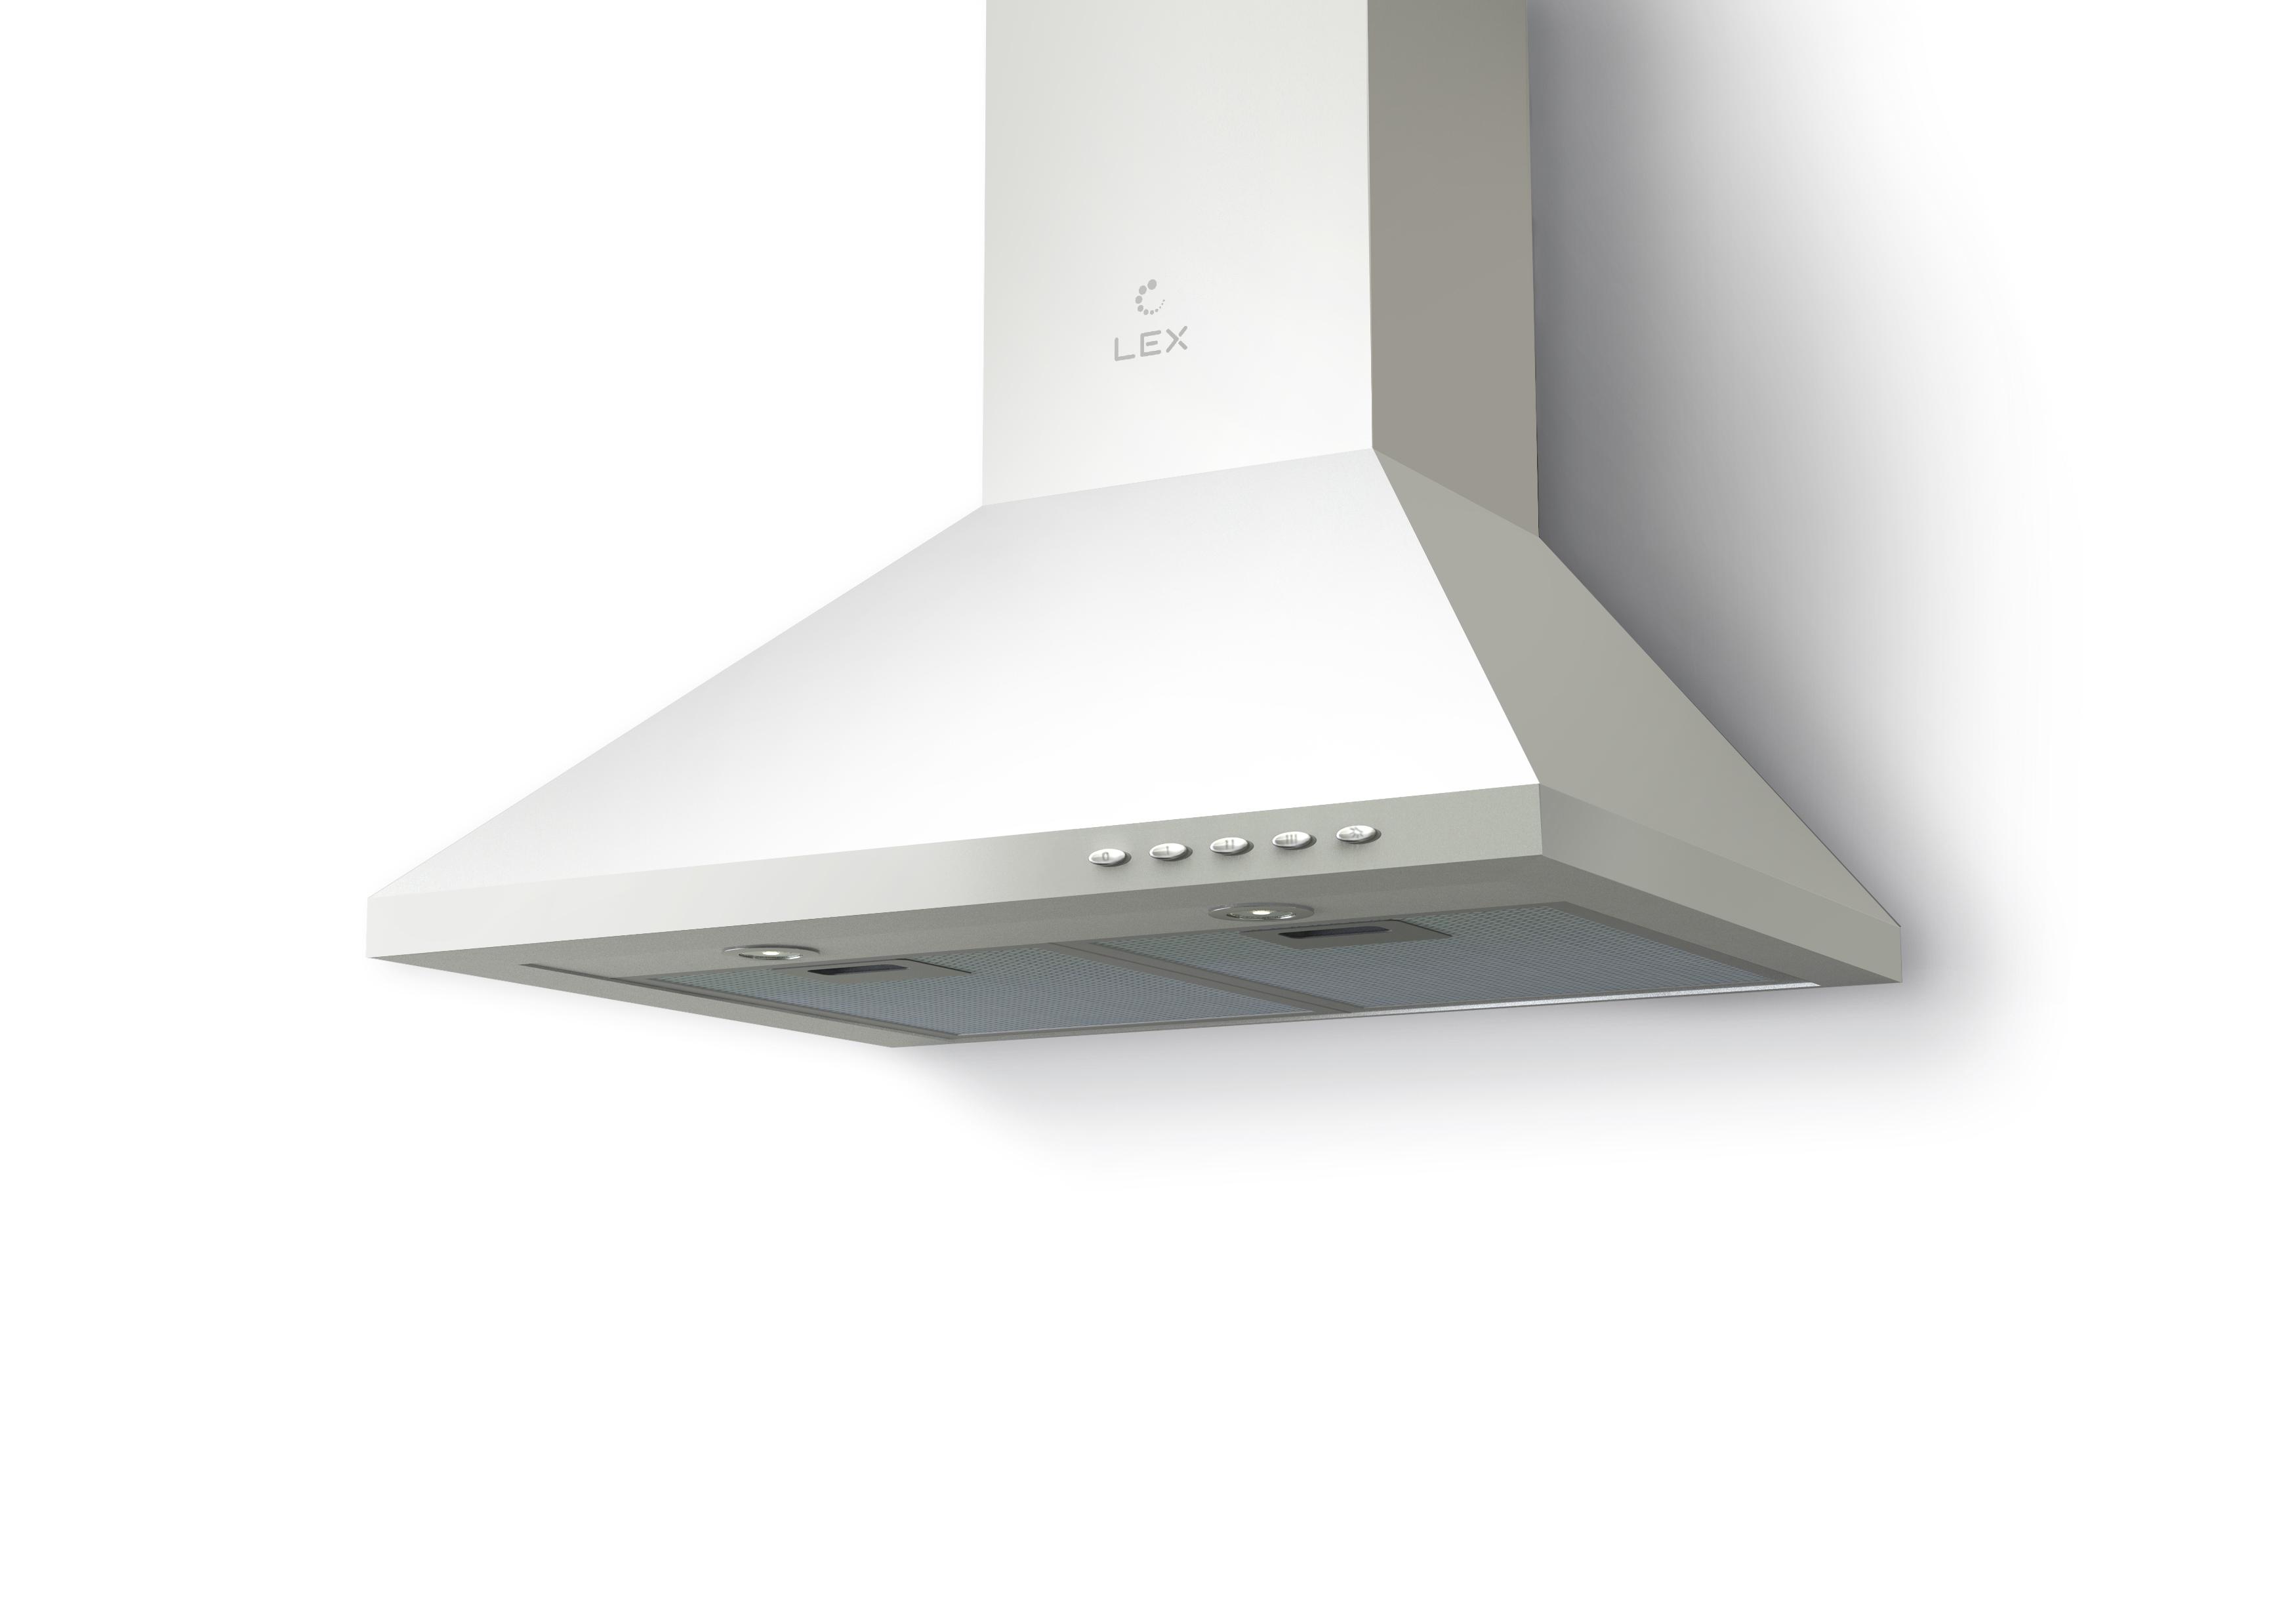 Вытяжка Lex Biston eco 600 white